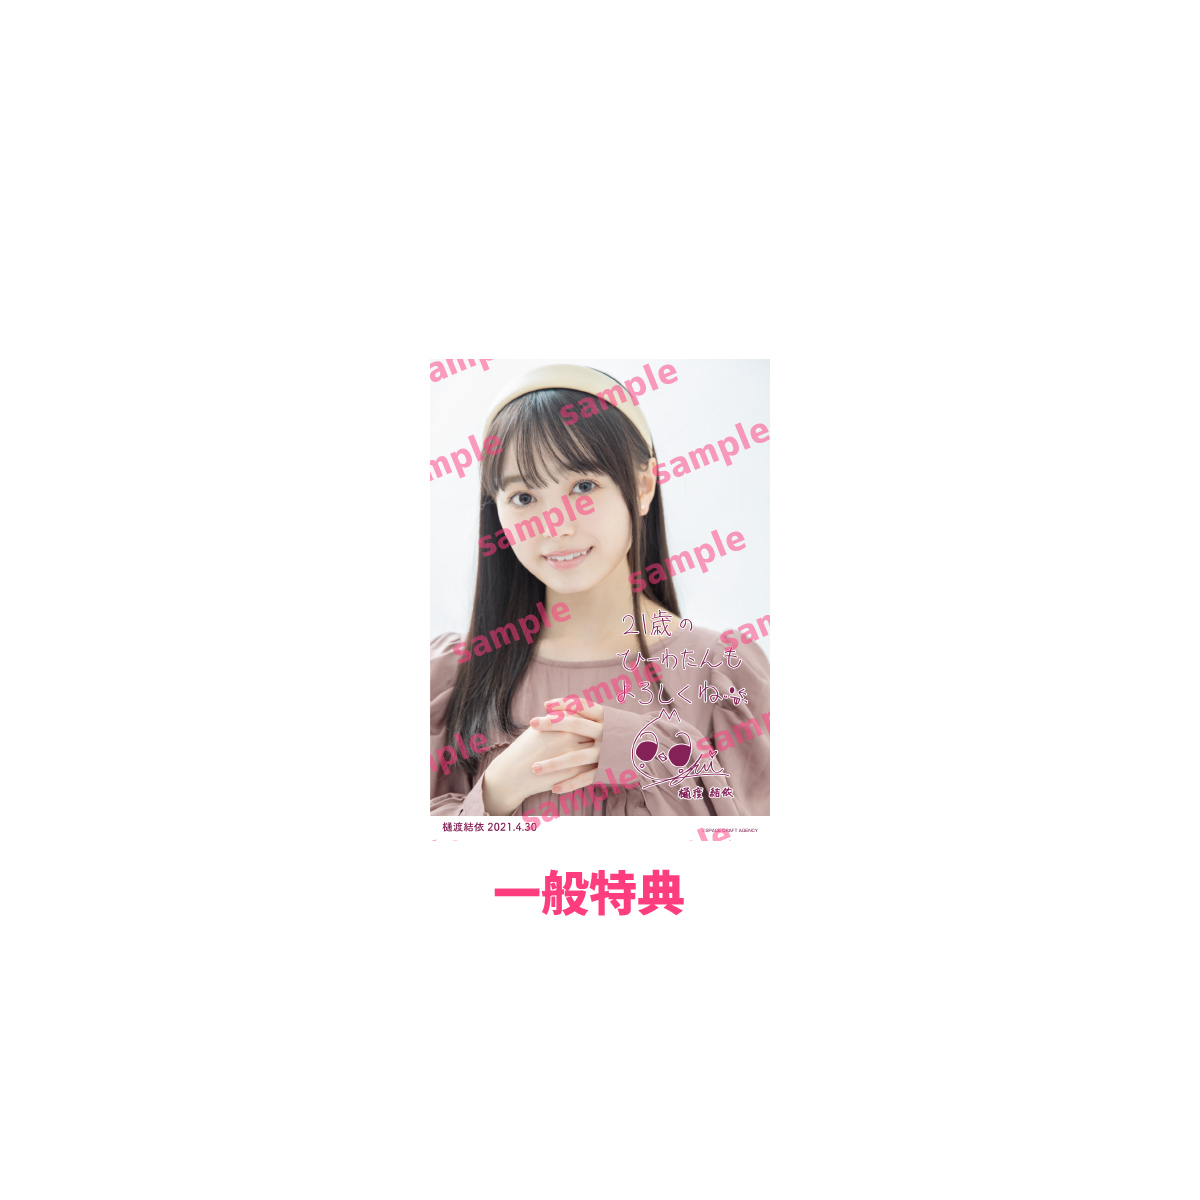 【会員限定】生誕Tシャツ(21歳ver.) ブラック